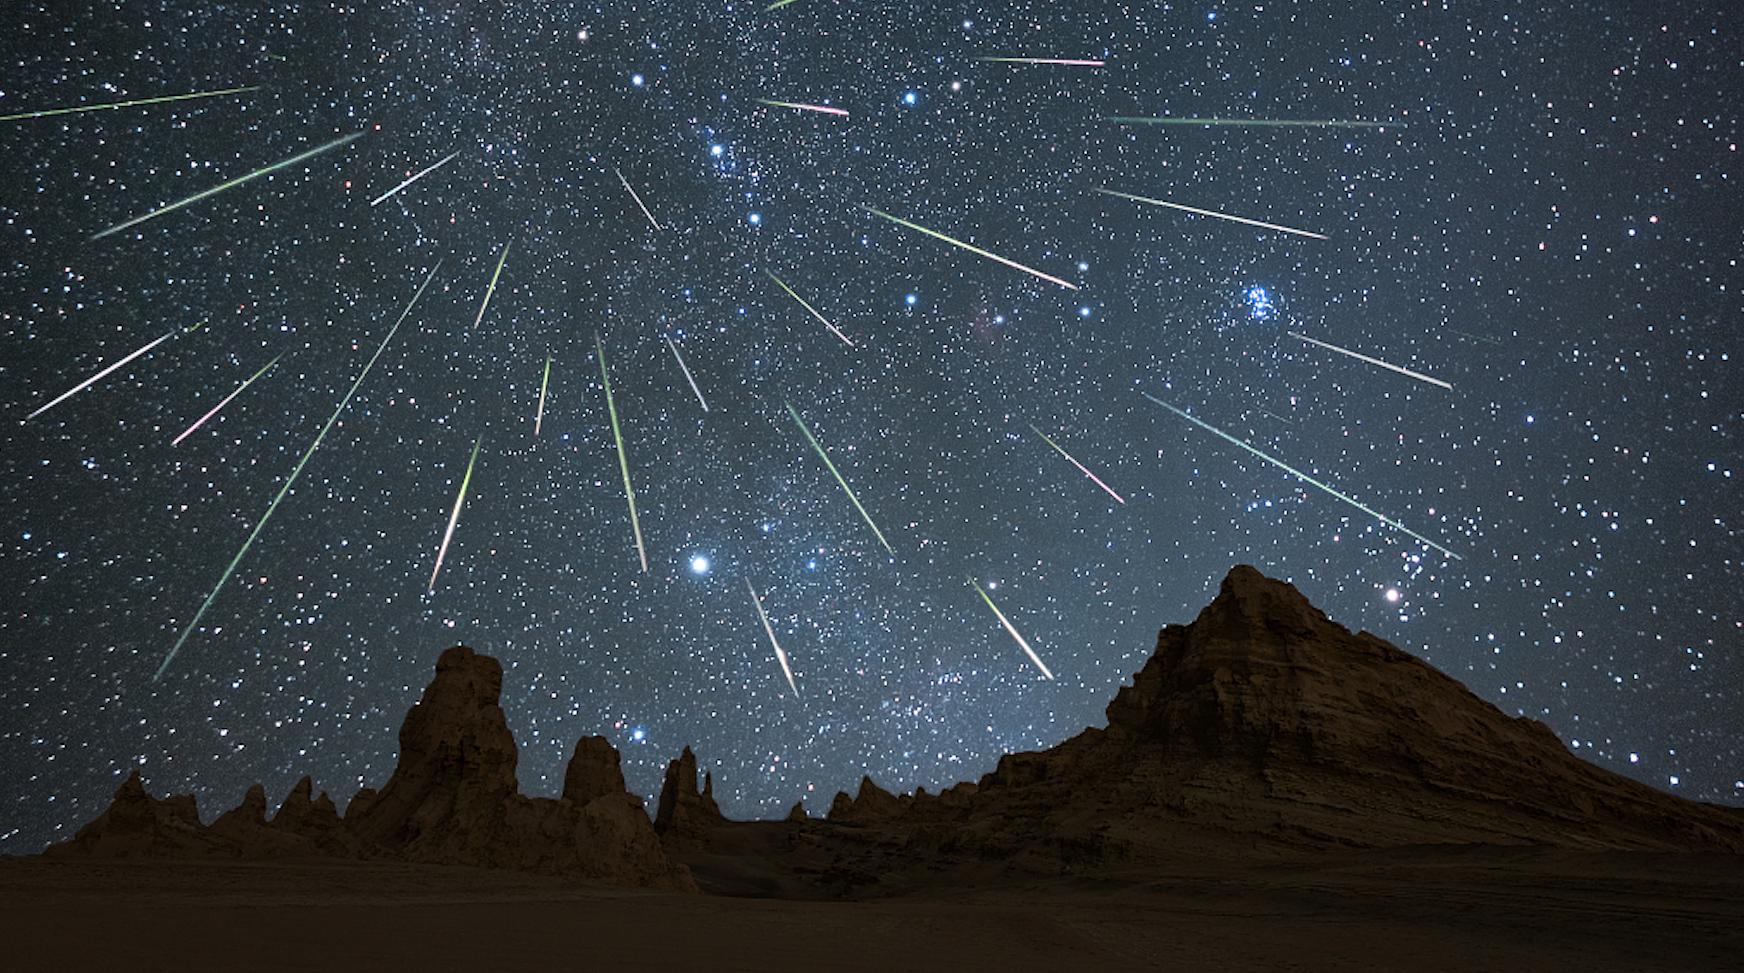 Comienza la lluvia de meteoritos Líridas: esto es lo que debes saber para ver el fenómeno